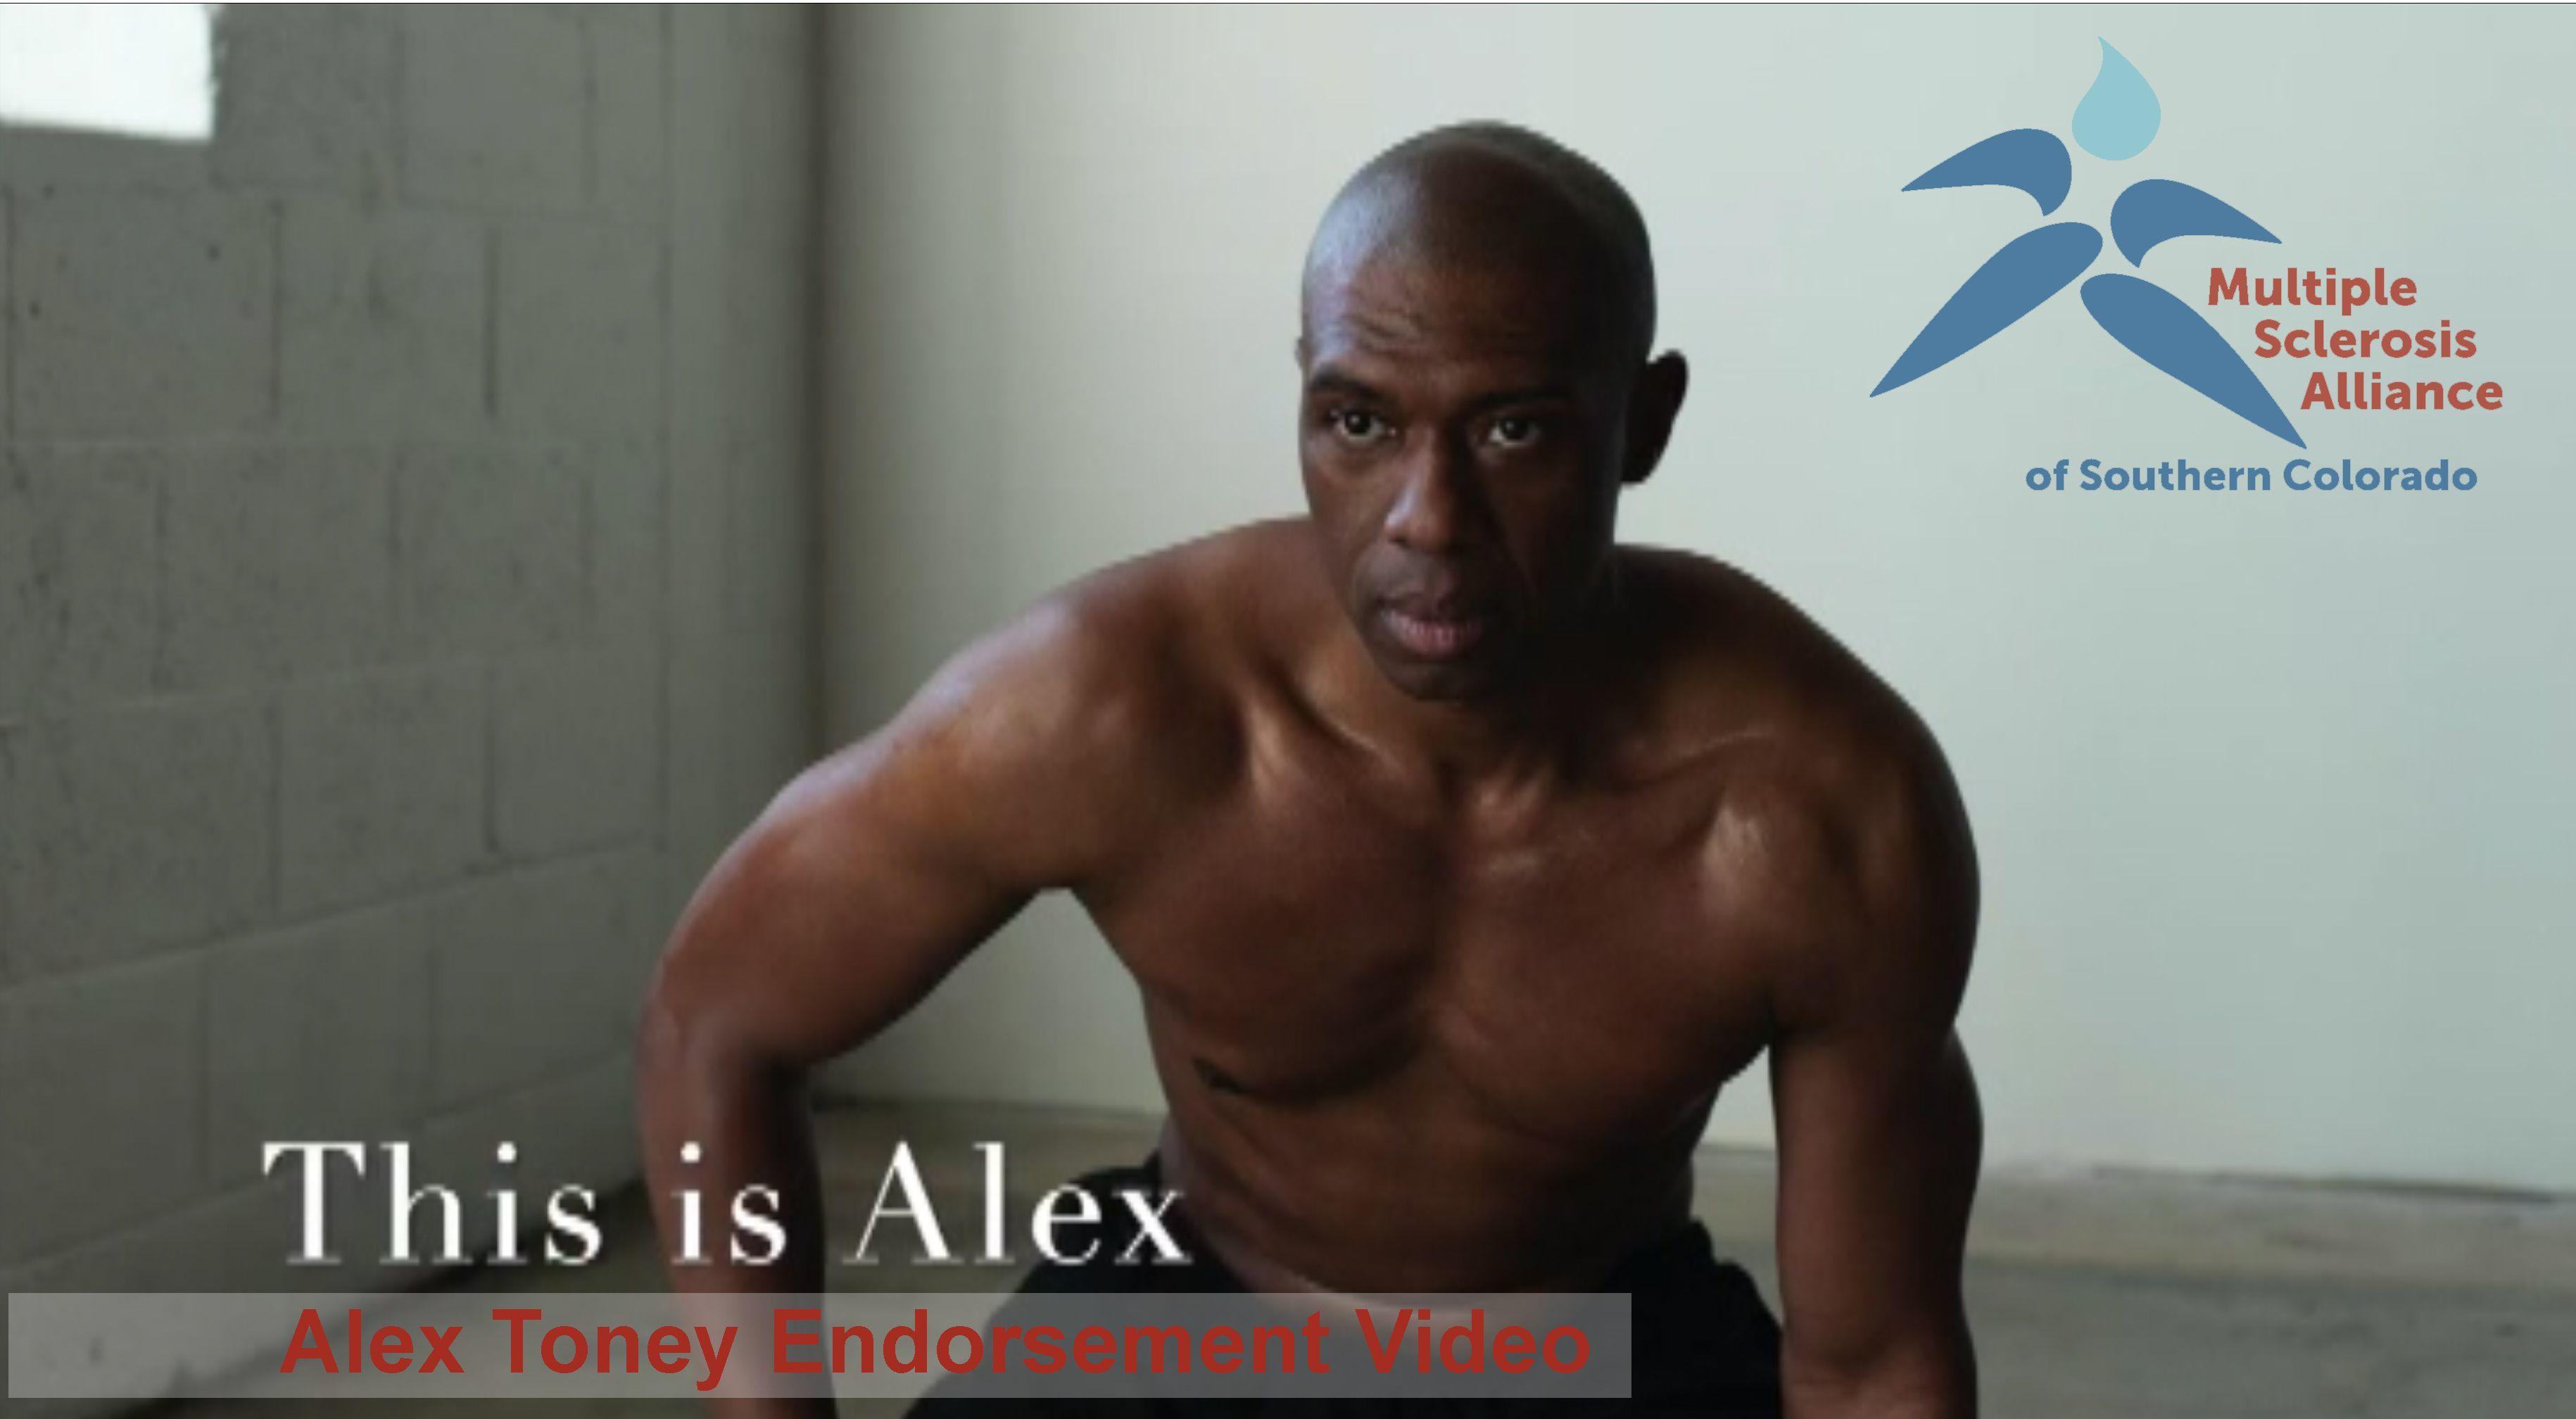 Alex Toney Endorses MSA